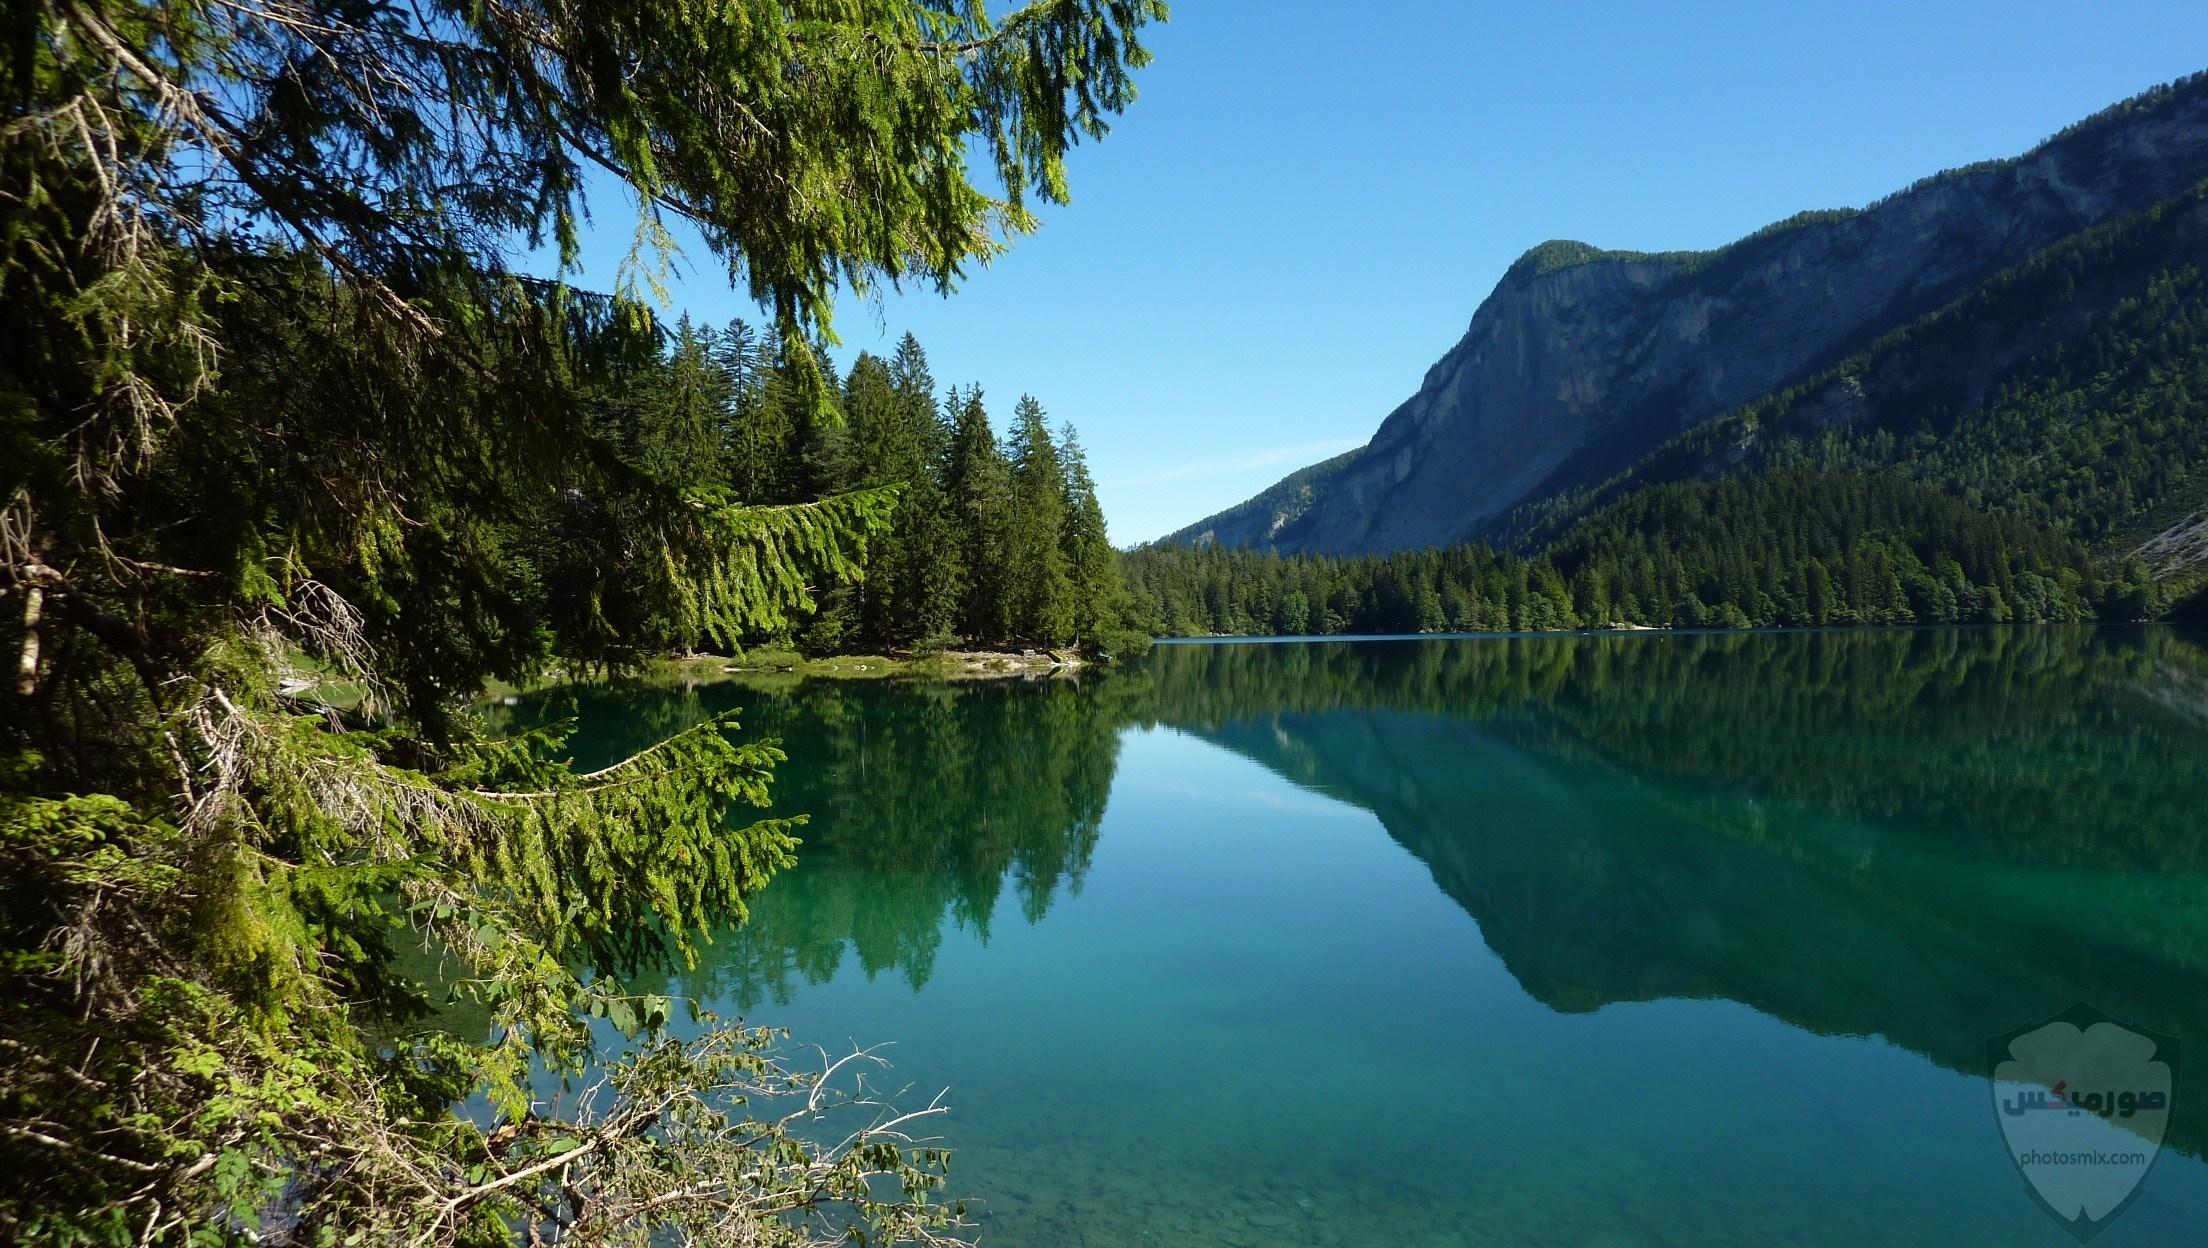 صور وخلفيات جبال وشلالات طبيعية HD خلفيات جبال خضراء وثلجية 13